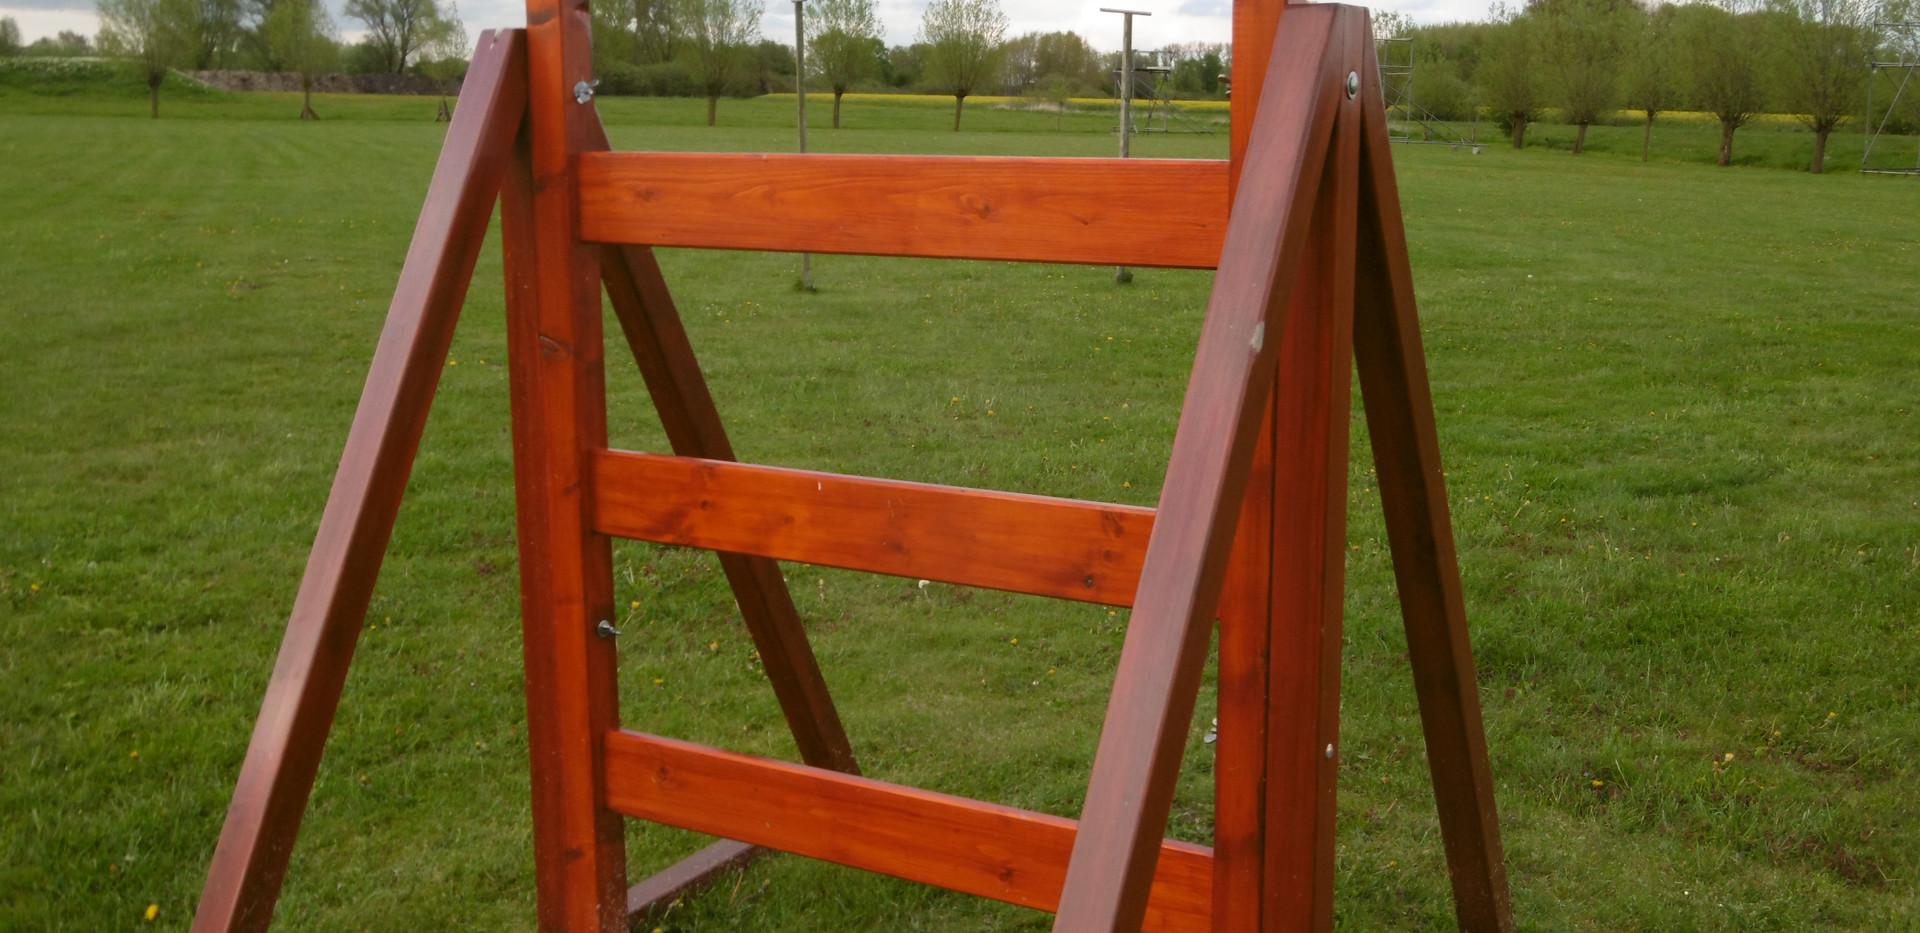 WENCK Holzbau-Konzepte - Spielgeräte